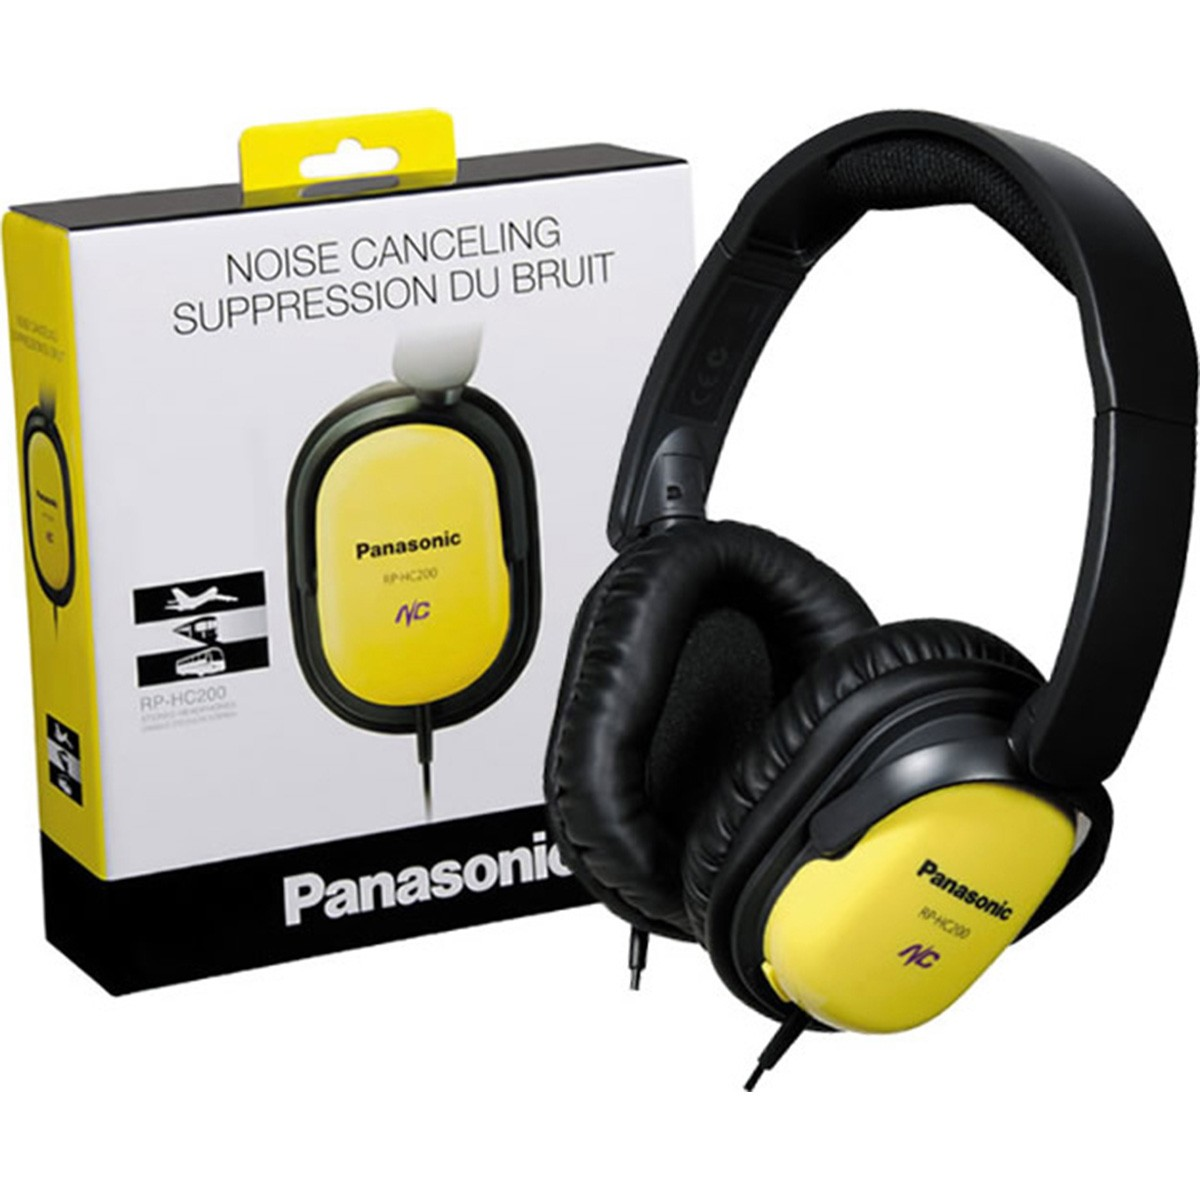 Panasonic RP-HC200 Fone de Ouvido Cancela Ruídos, Amarelo